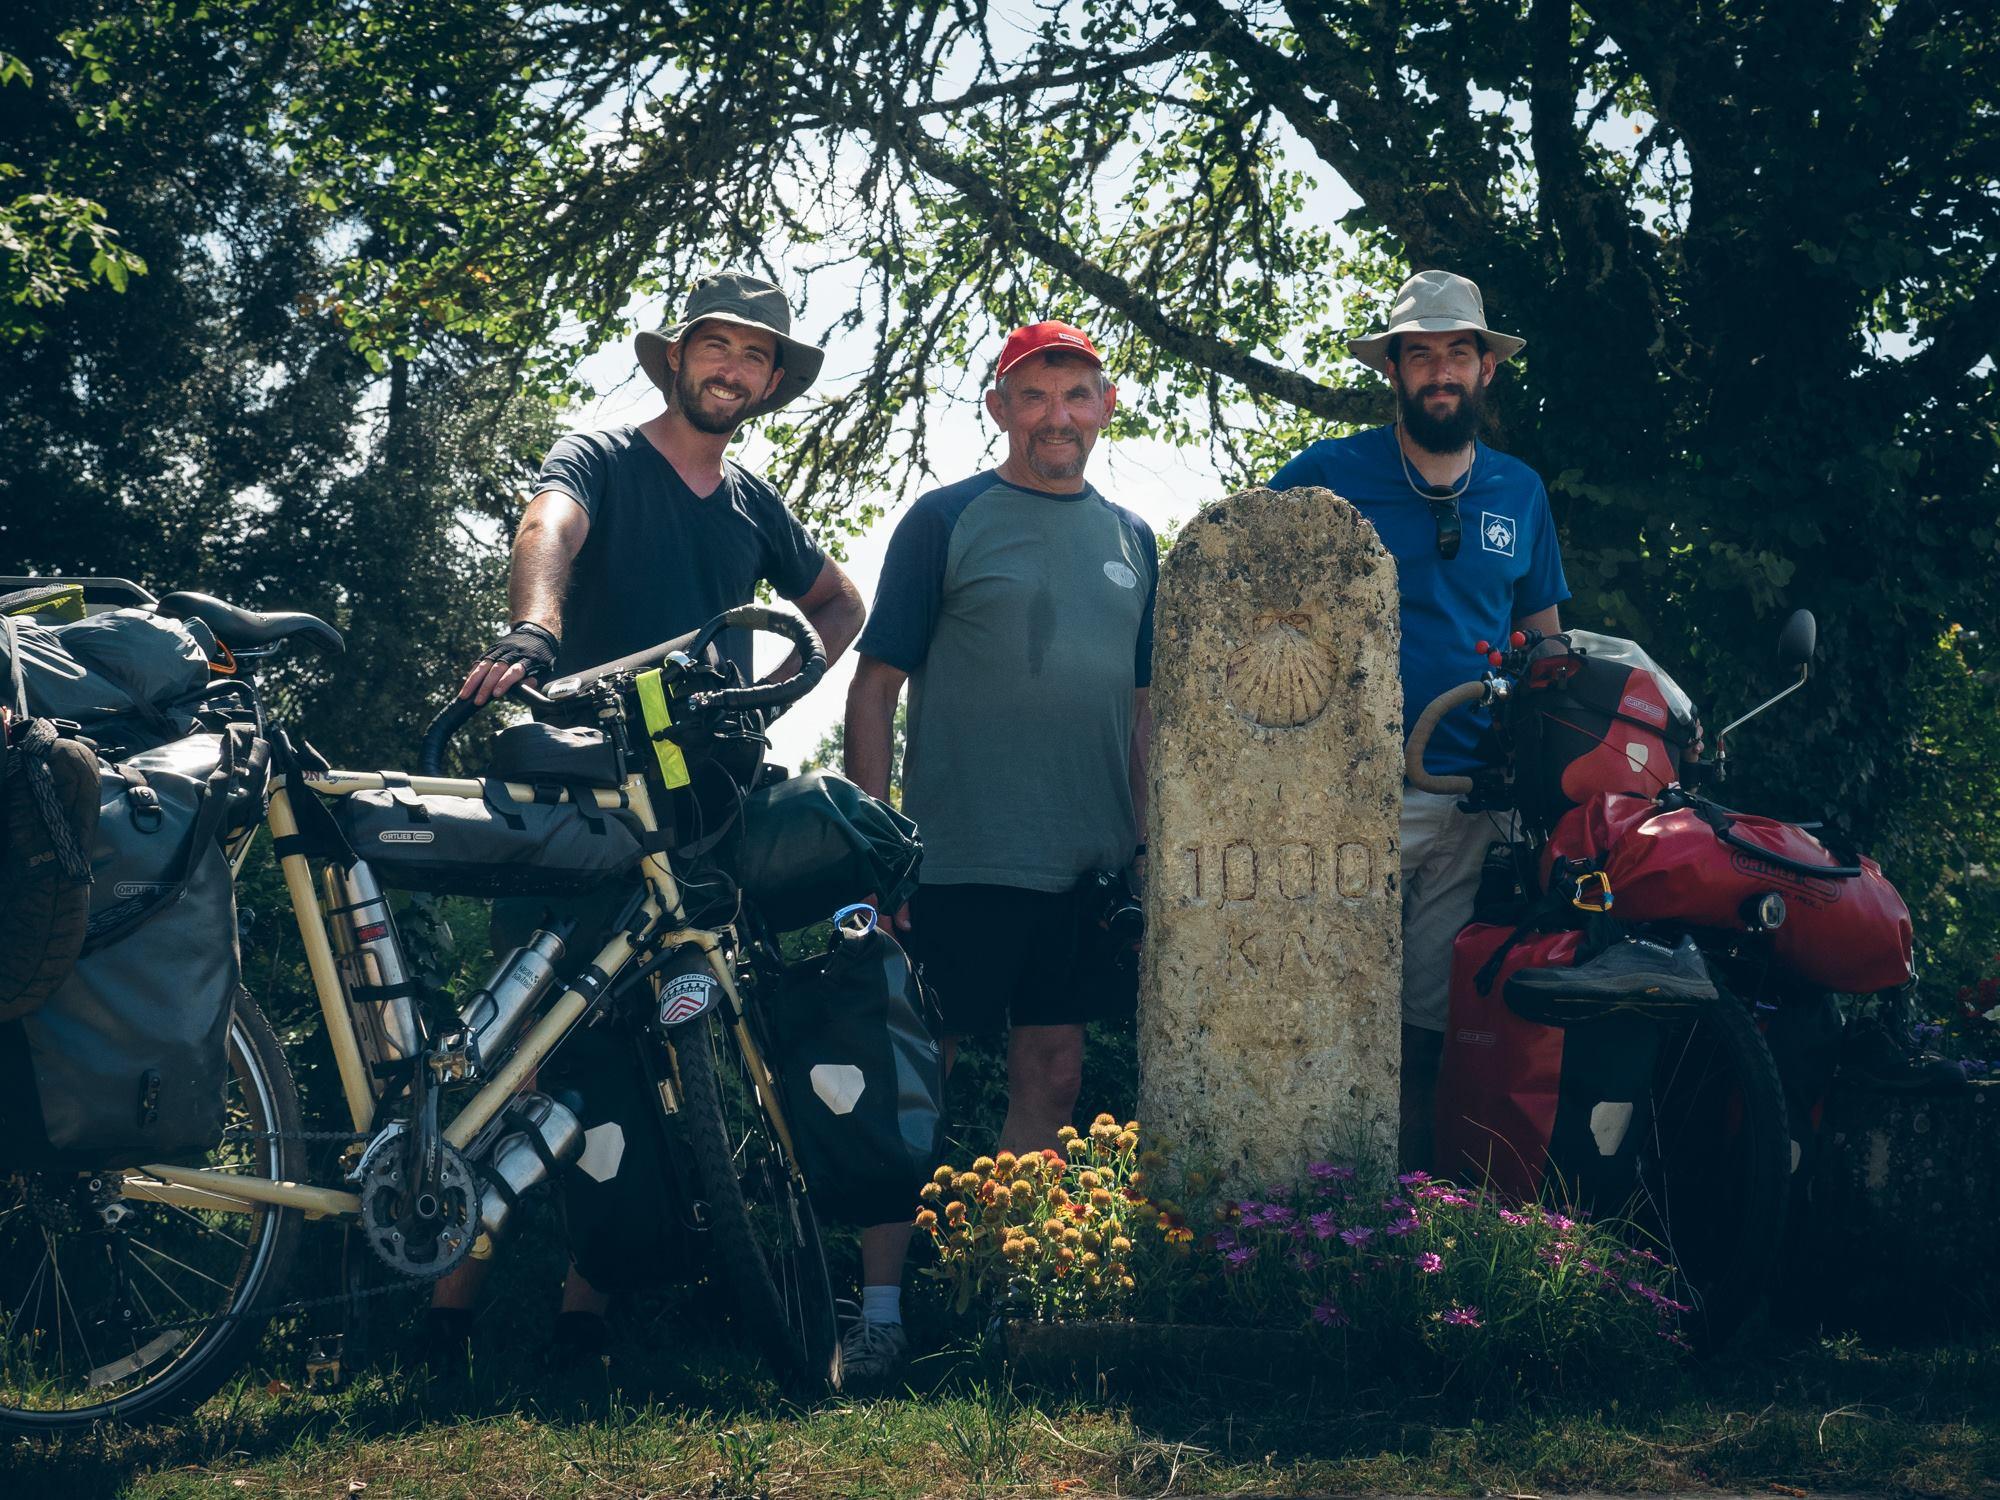 Avec Gilbert Donnet et le panneau des 1000kms avant Saint Jacques de Compostelle